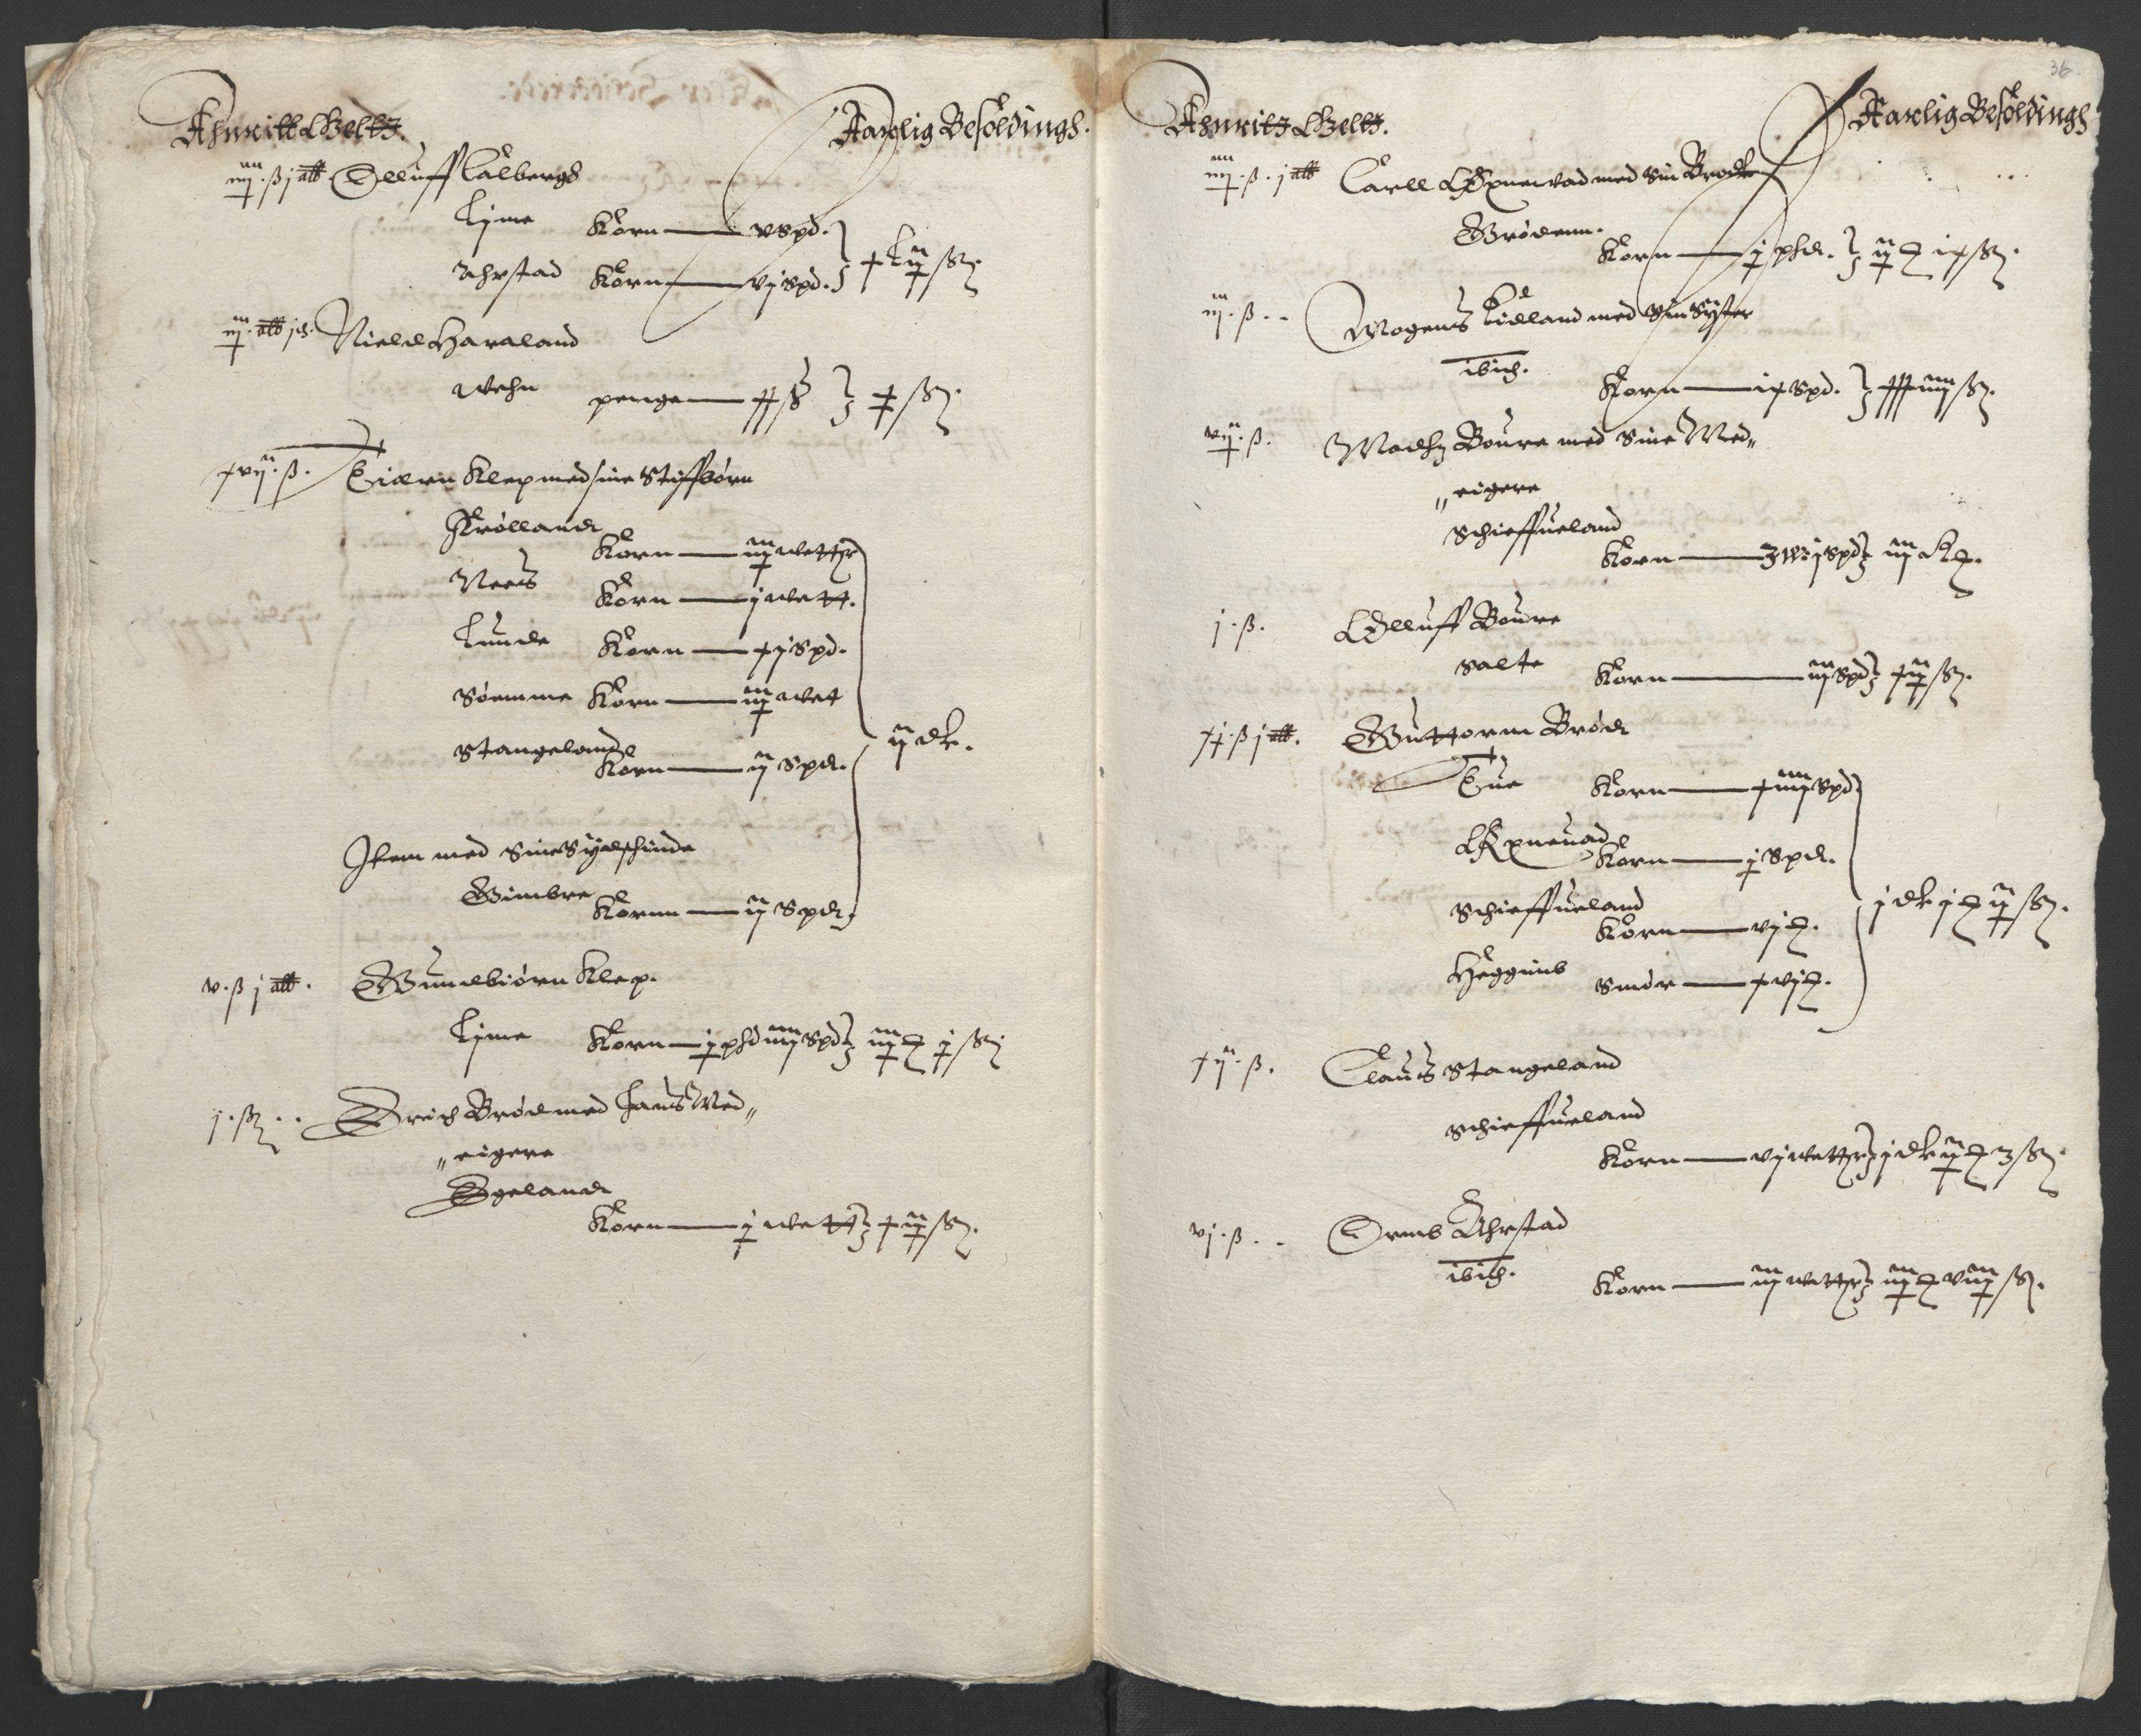 RA, Stattholderembetet 1572-1771, Ek/L0010: Jordebøker til utlikning av rosstjeneste 1624-1626:, 1624-1626, s. 130